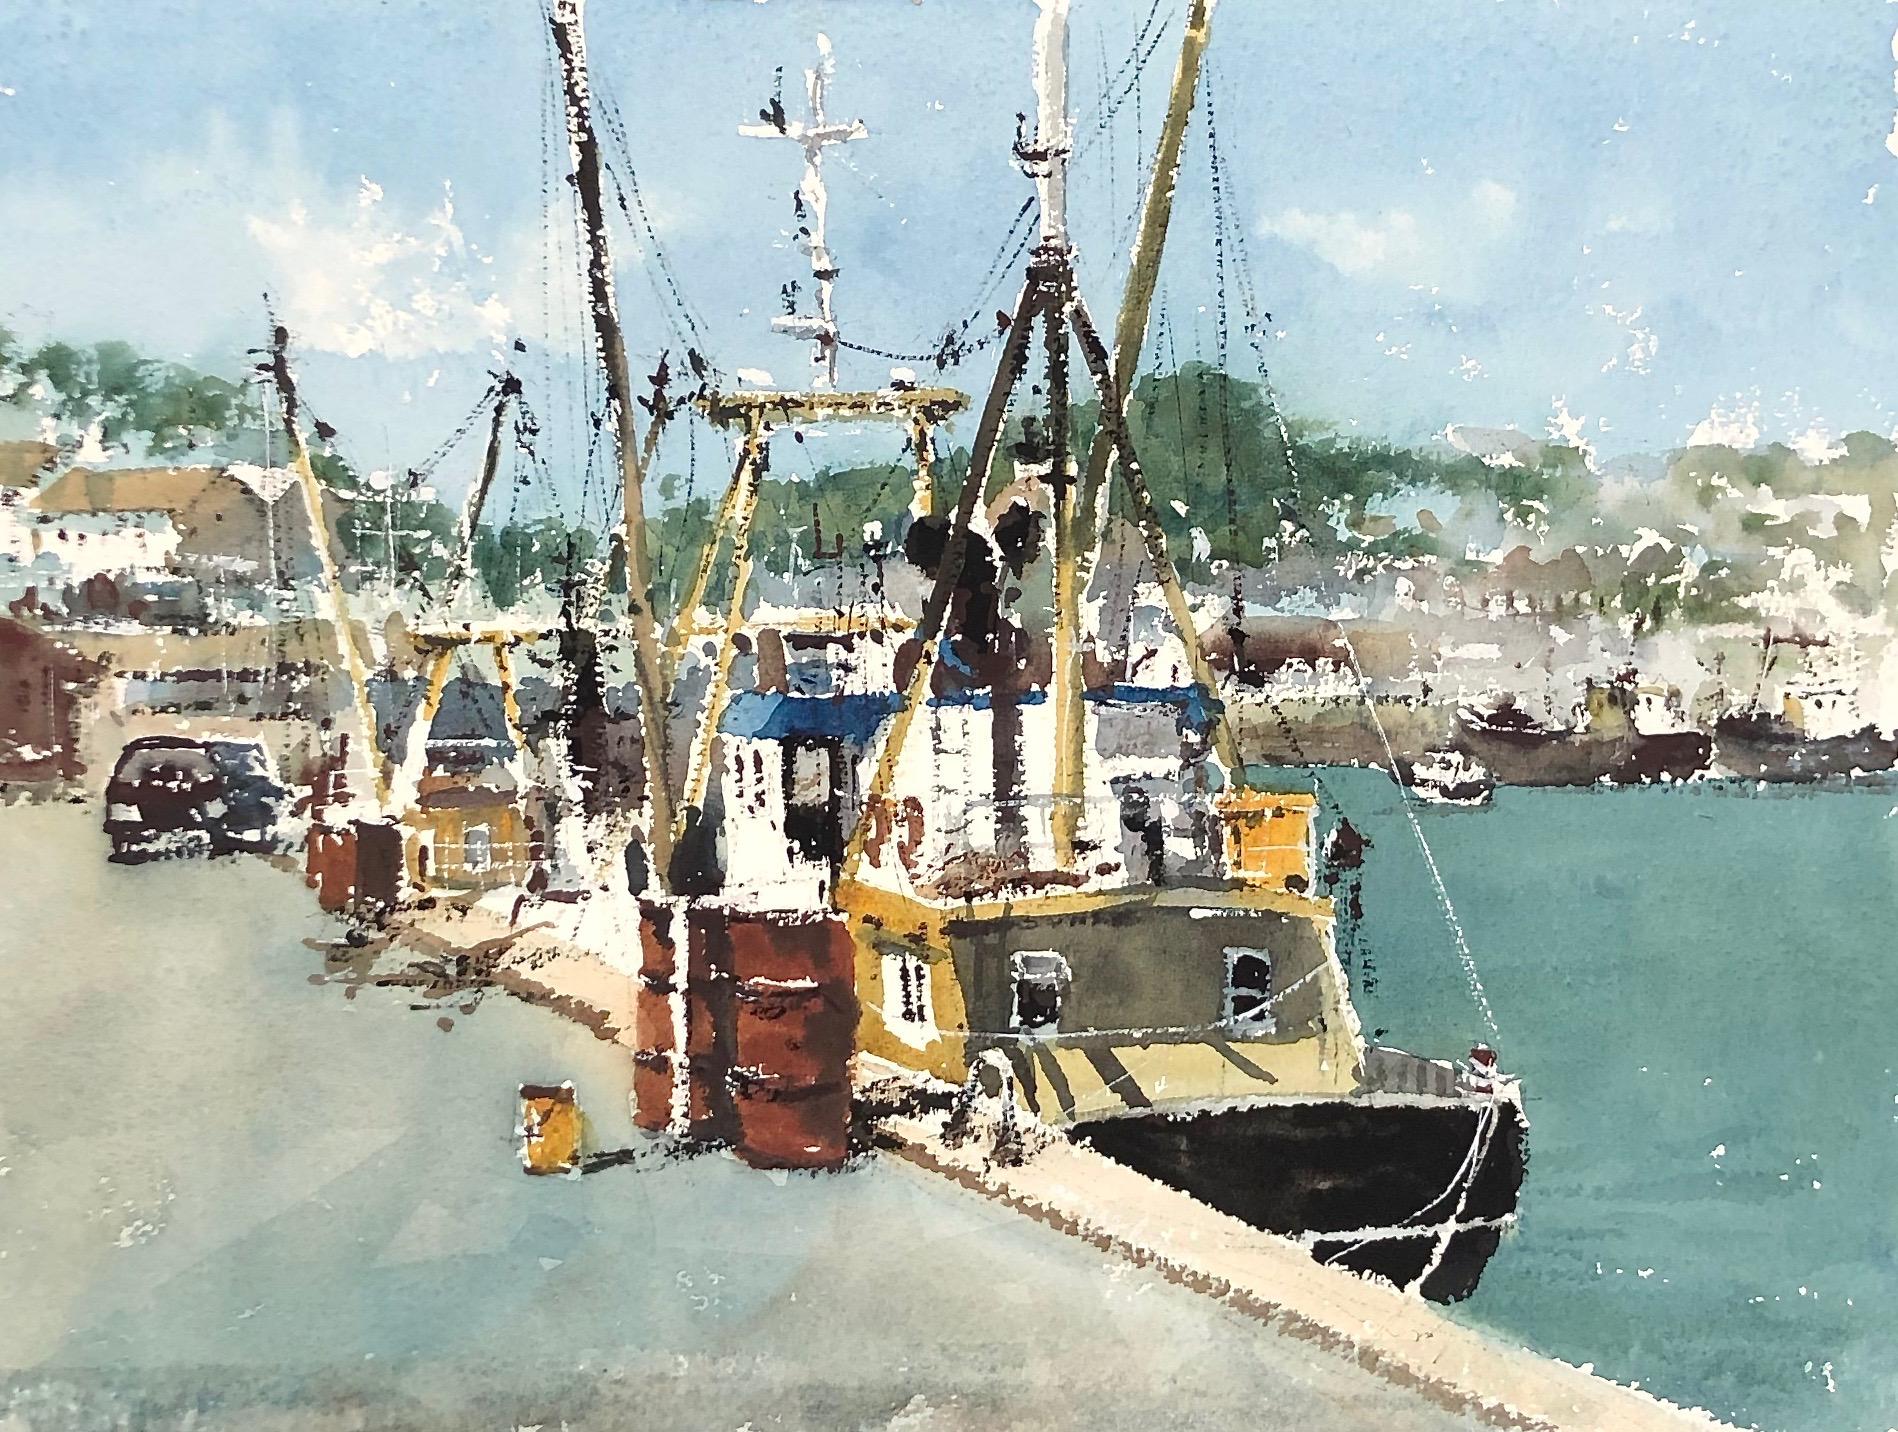 Quayside Newlyn: 11 x 15.5 in: £750